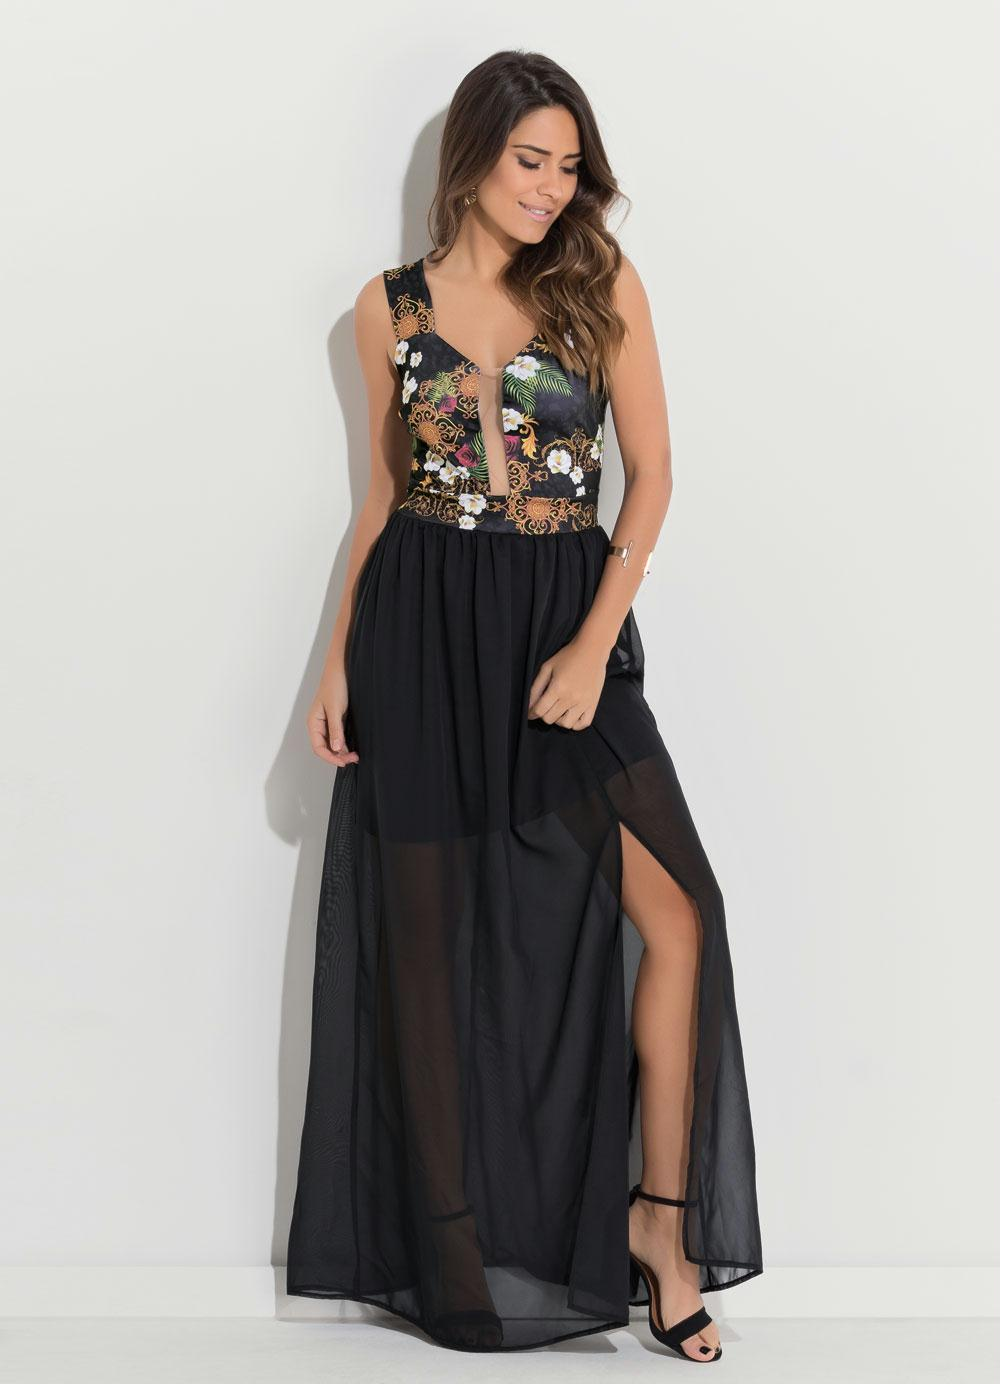 6b30ad7e3 Vestido Quintess Longo com Fenda Floral e Preto - Quintess